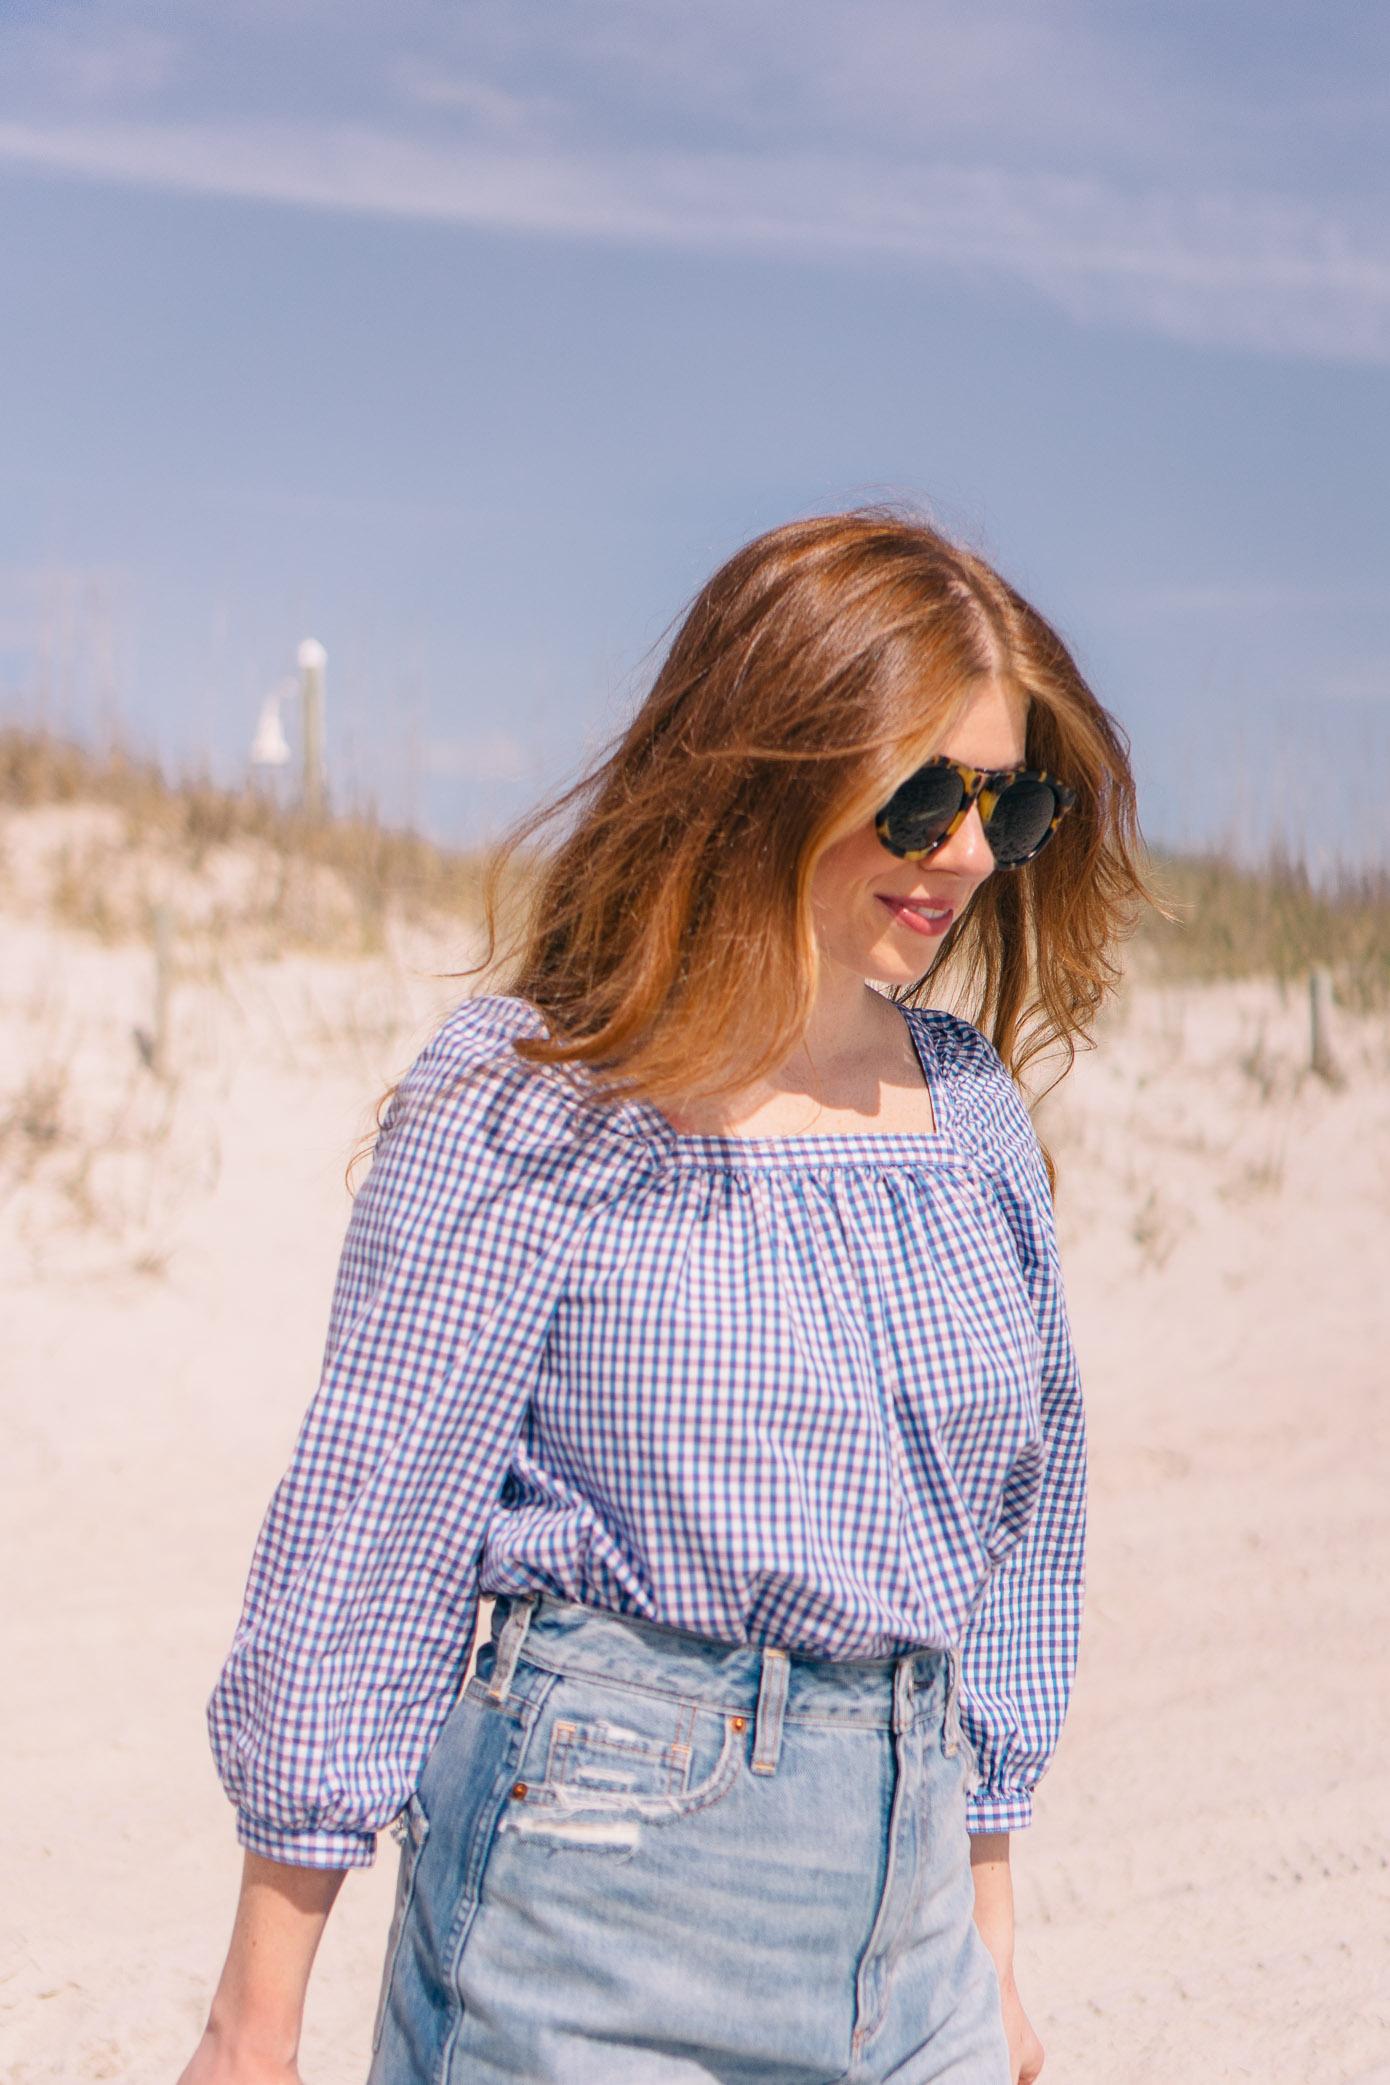 Denim Skirt under $60 | Gingham Blouse for Spring | Louella Reese Life & Style Blog